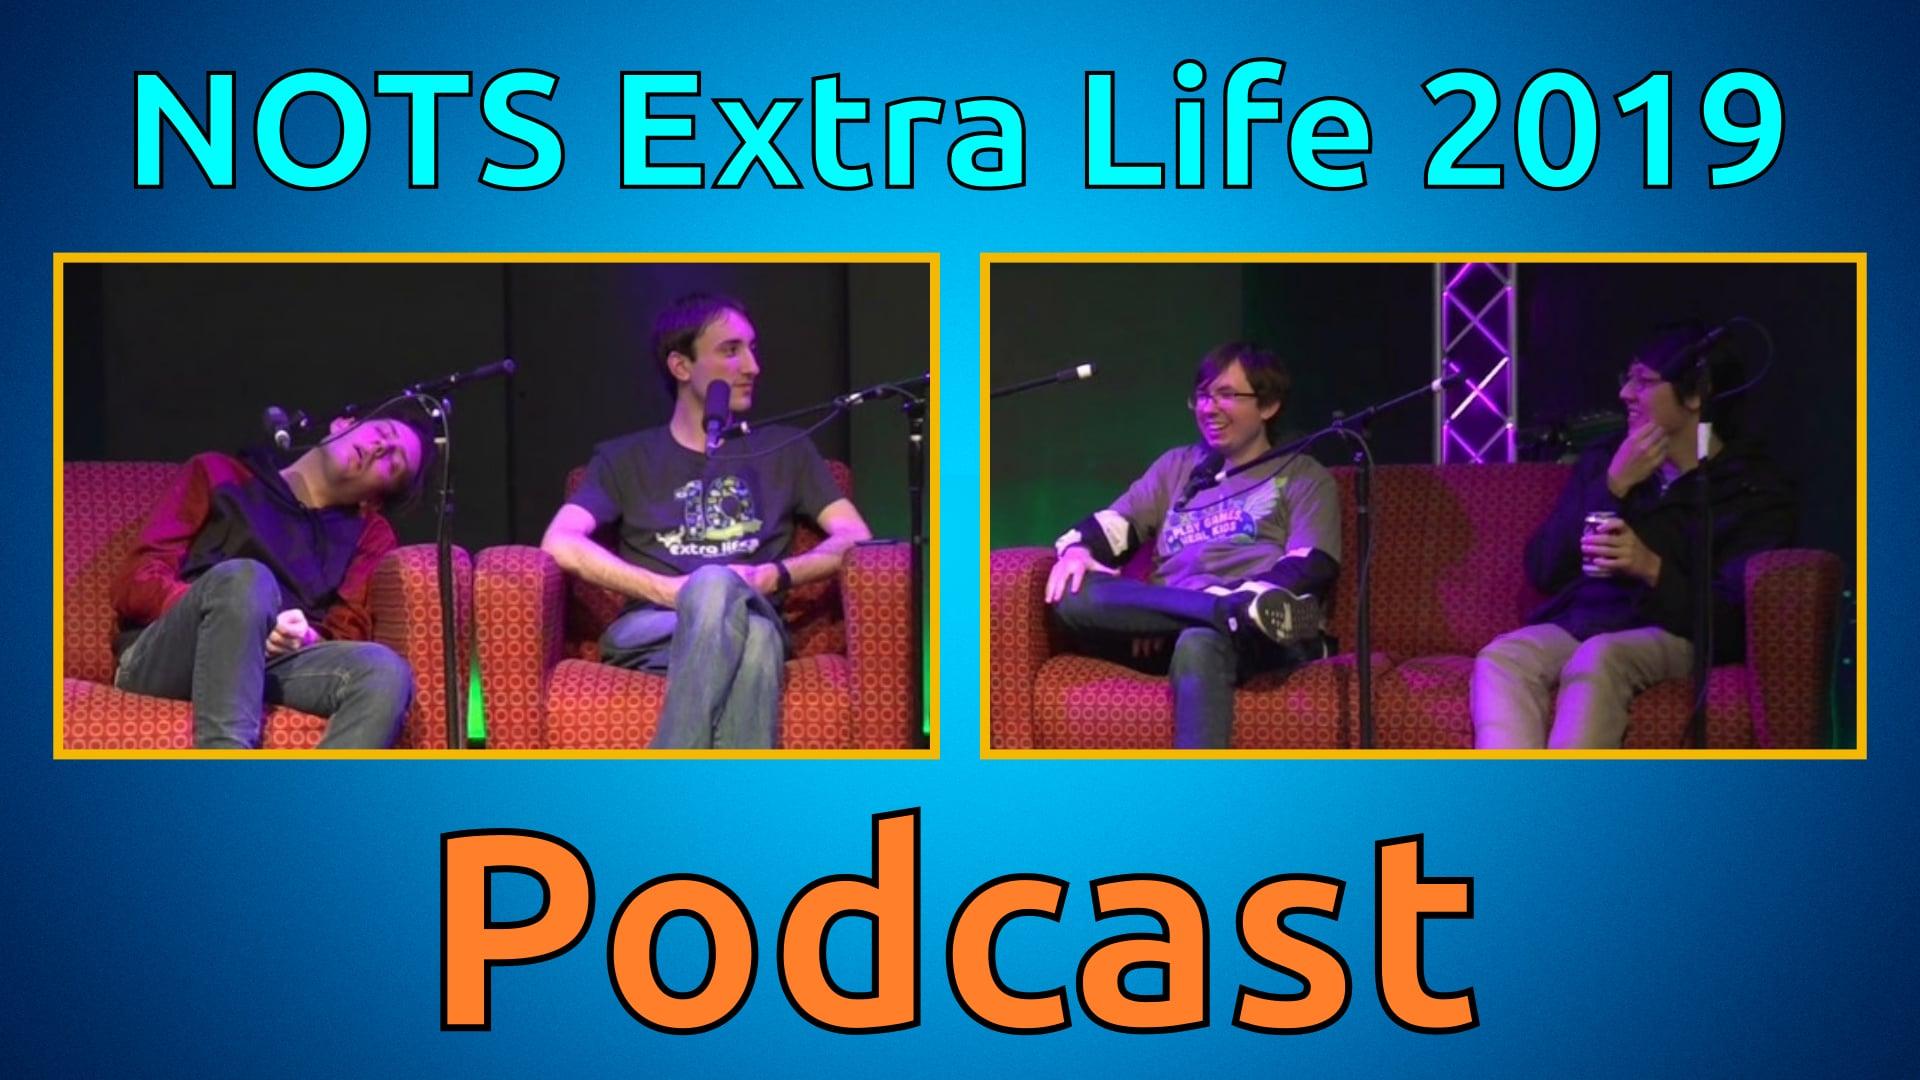 NOTS Podcast - Extra Life 2019